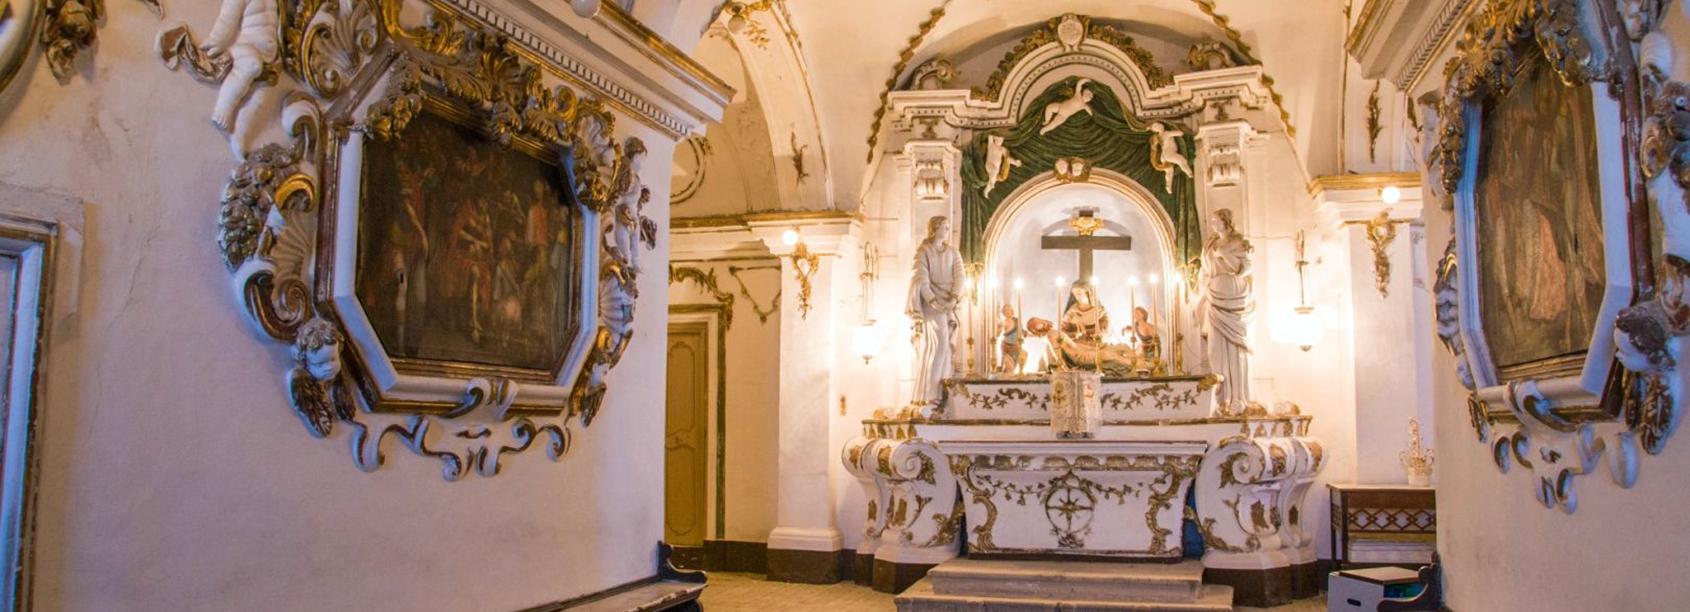 Slider1-ss-sacramento